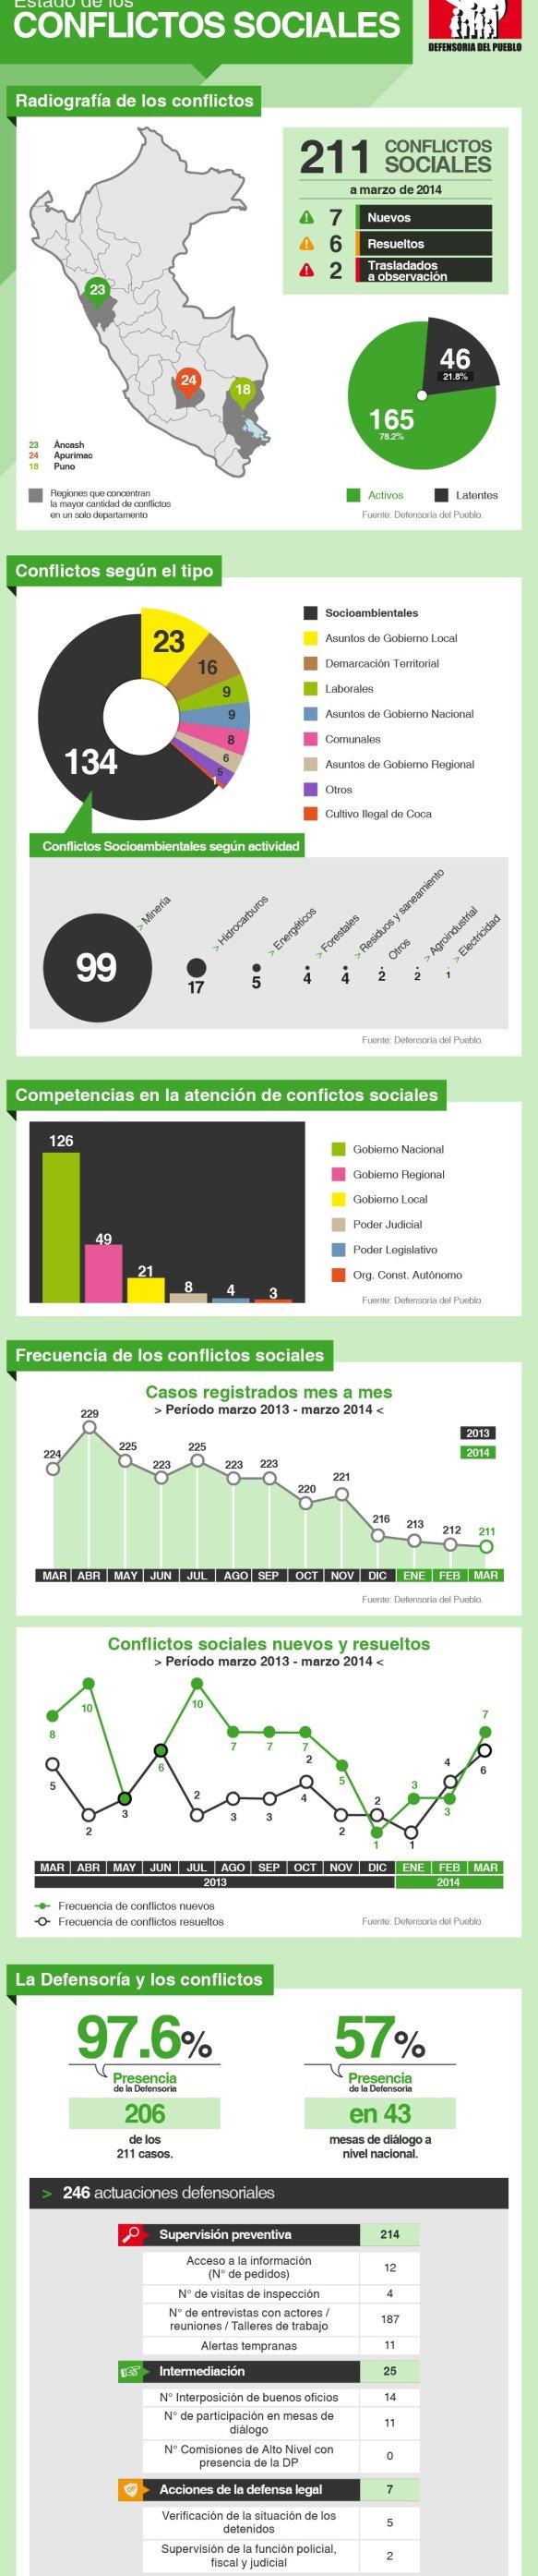 infografía_conflictos sociales_defensoría_spda